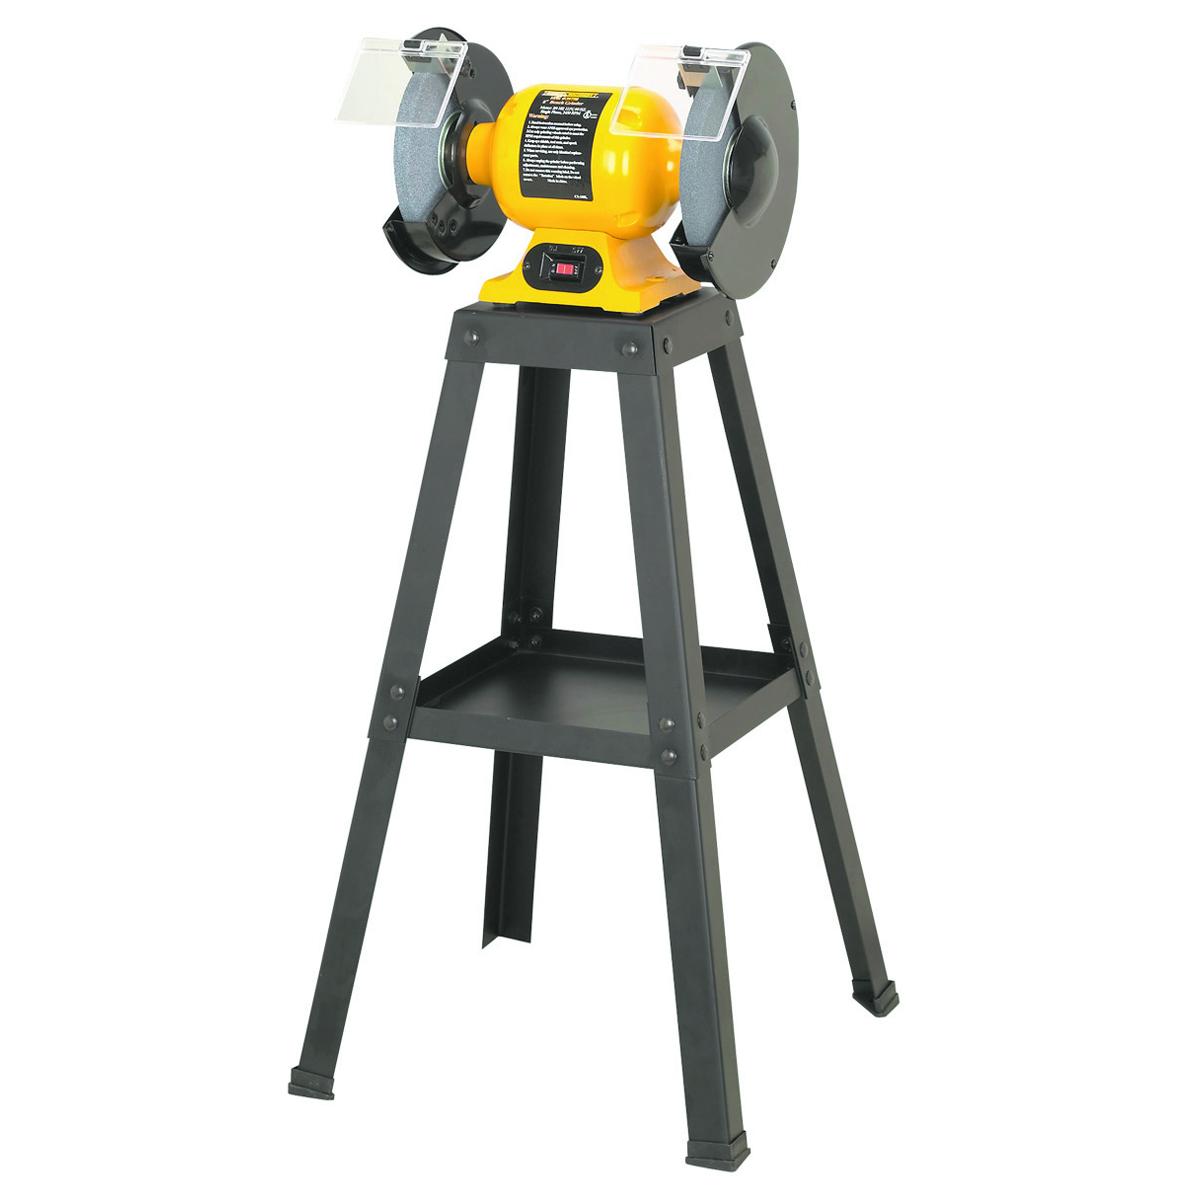 Universal bench grinder stand for Table grinder